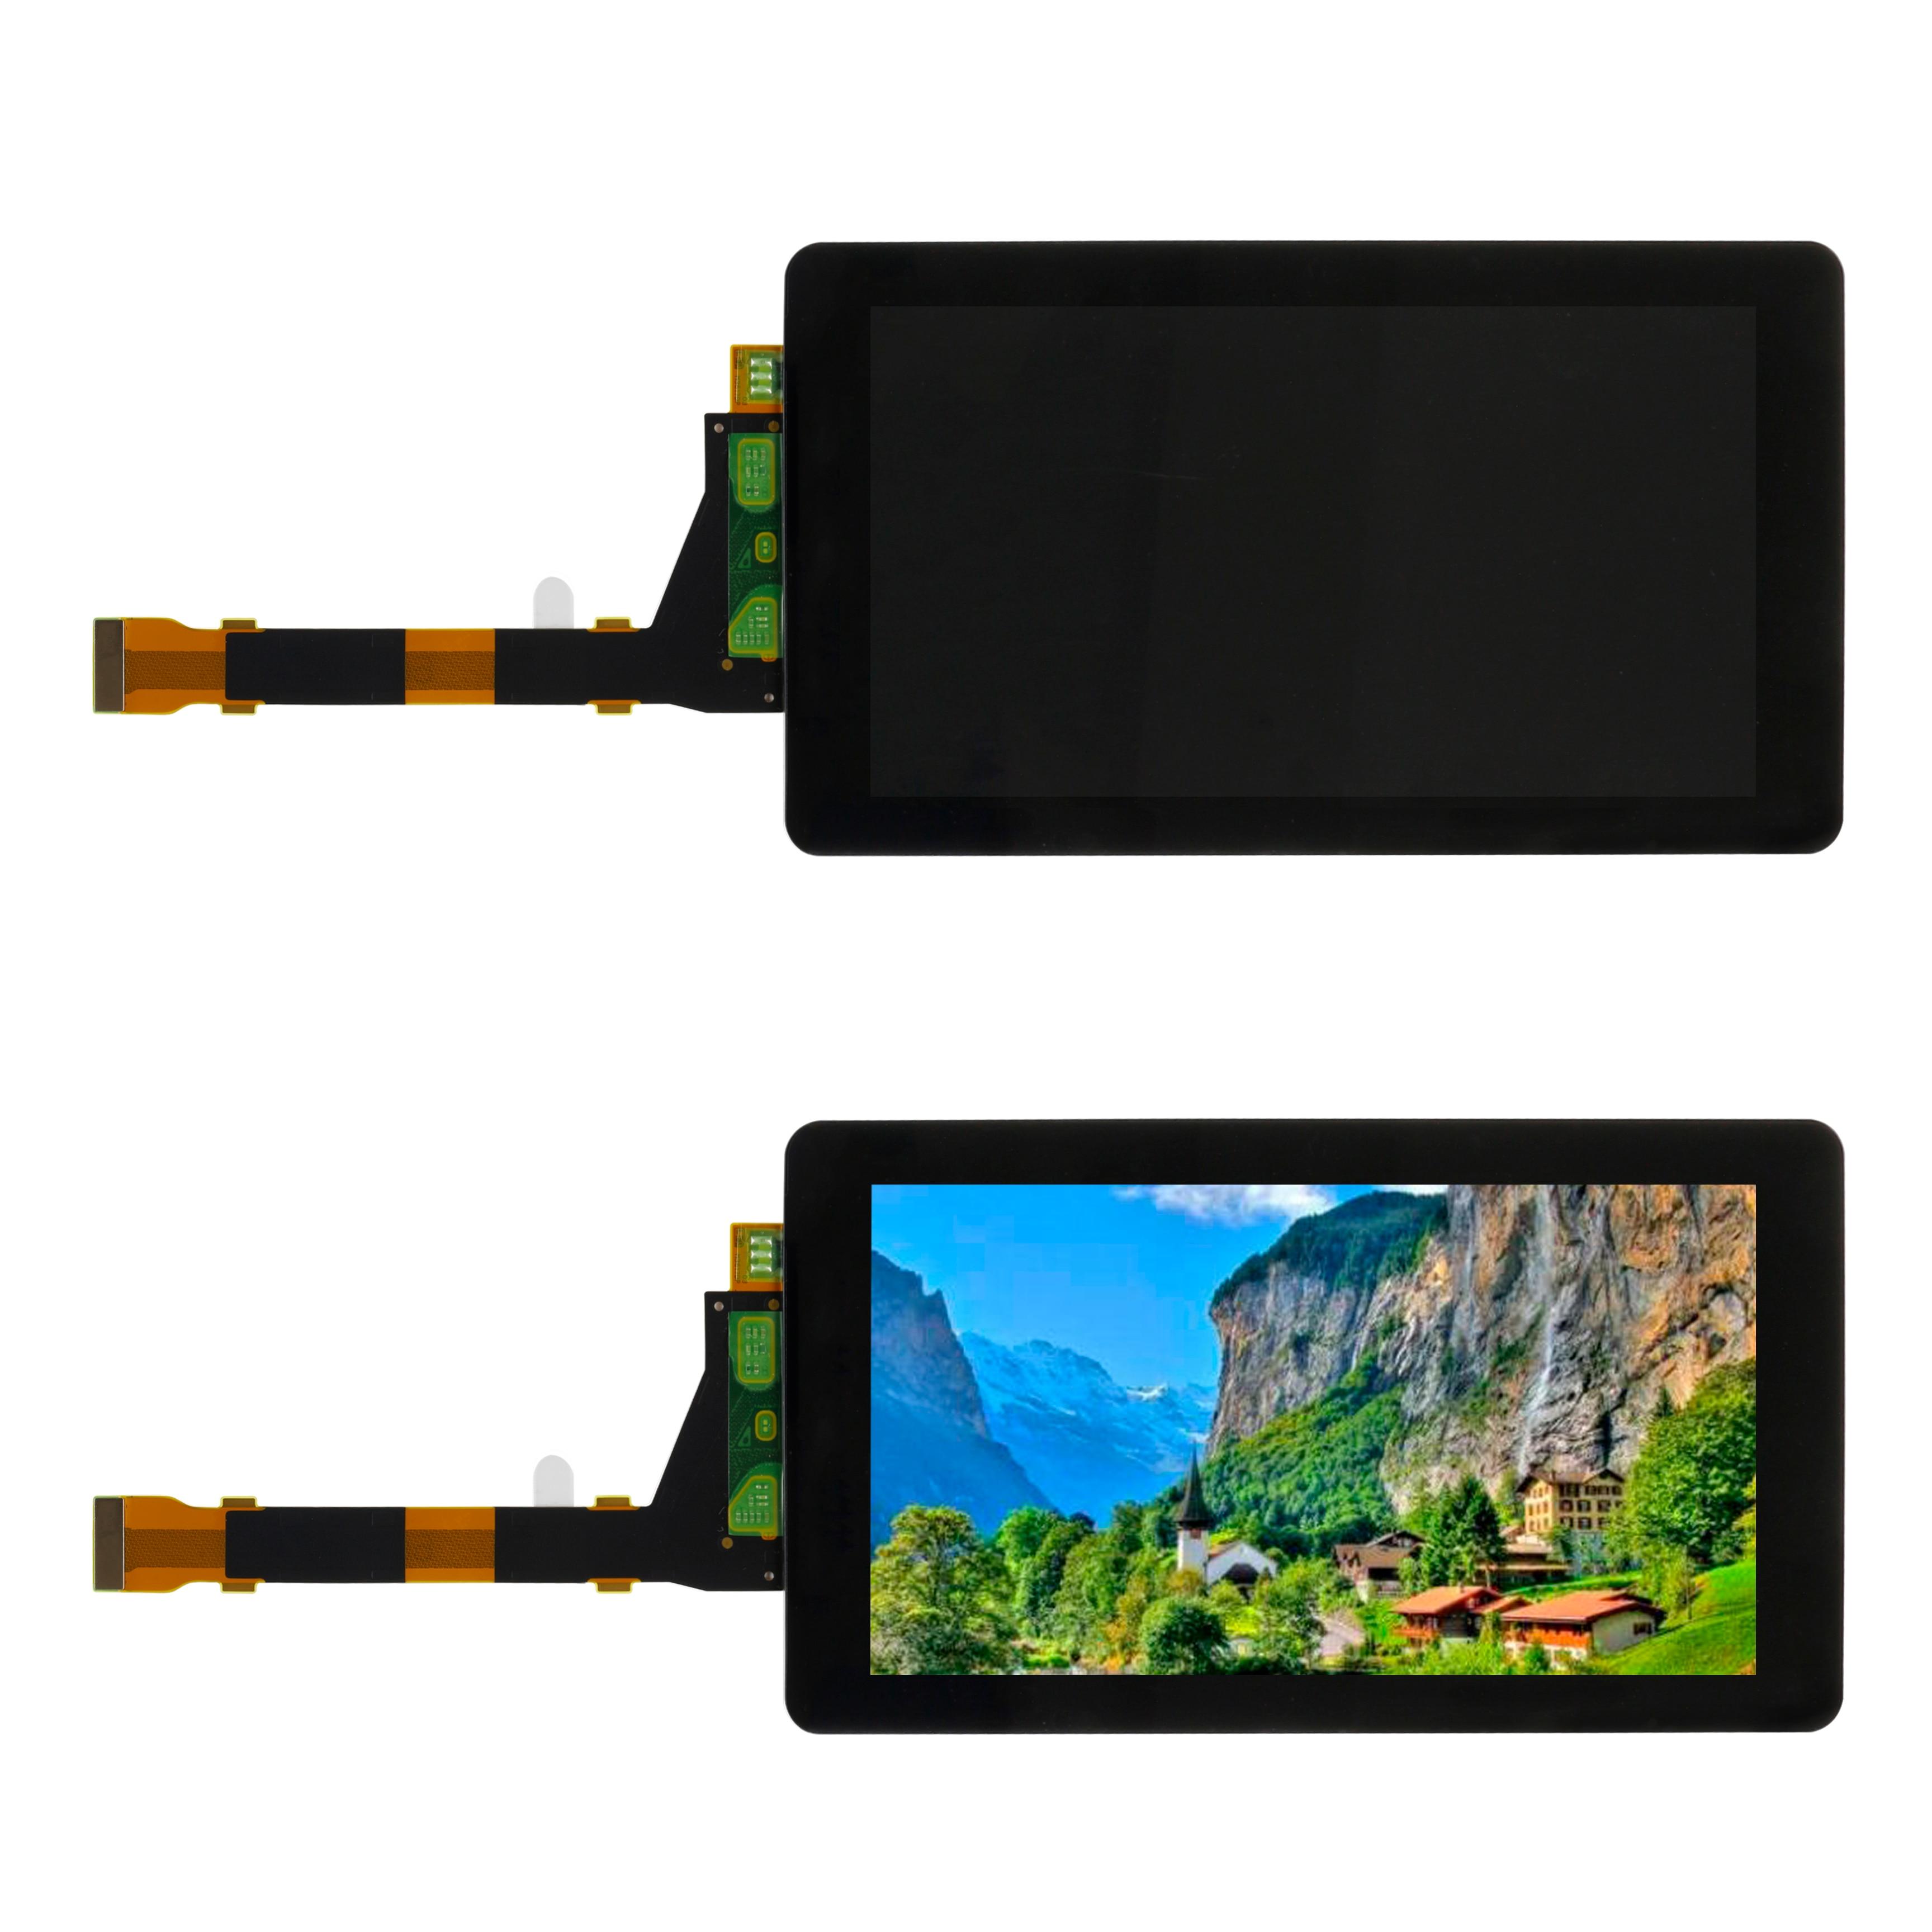 2560*1440 5,5 дюймов 2K ЖК-дисплей LS055R1SX04 MIPI к HDMI-плате для Wanhao d7 plus LCD